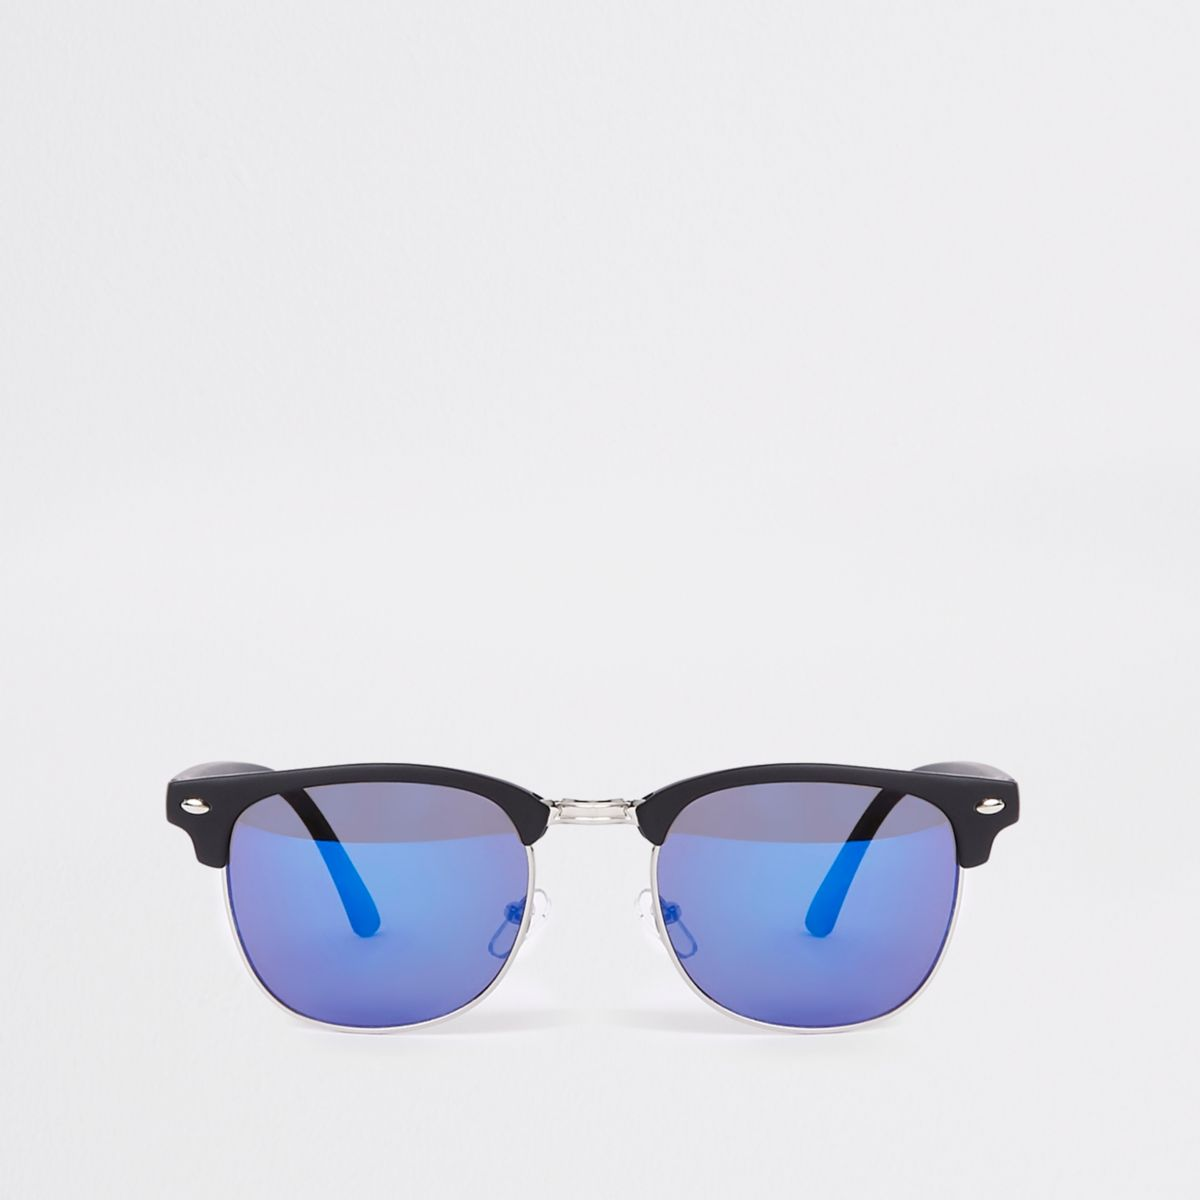 Black blue lens half frame retro sunglasses